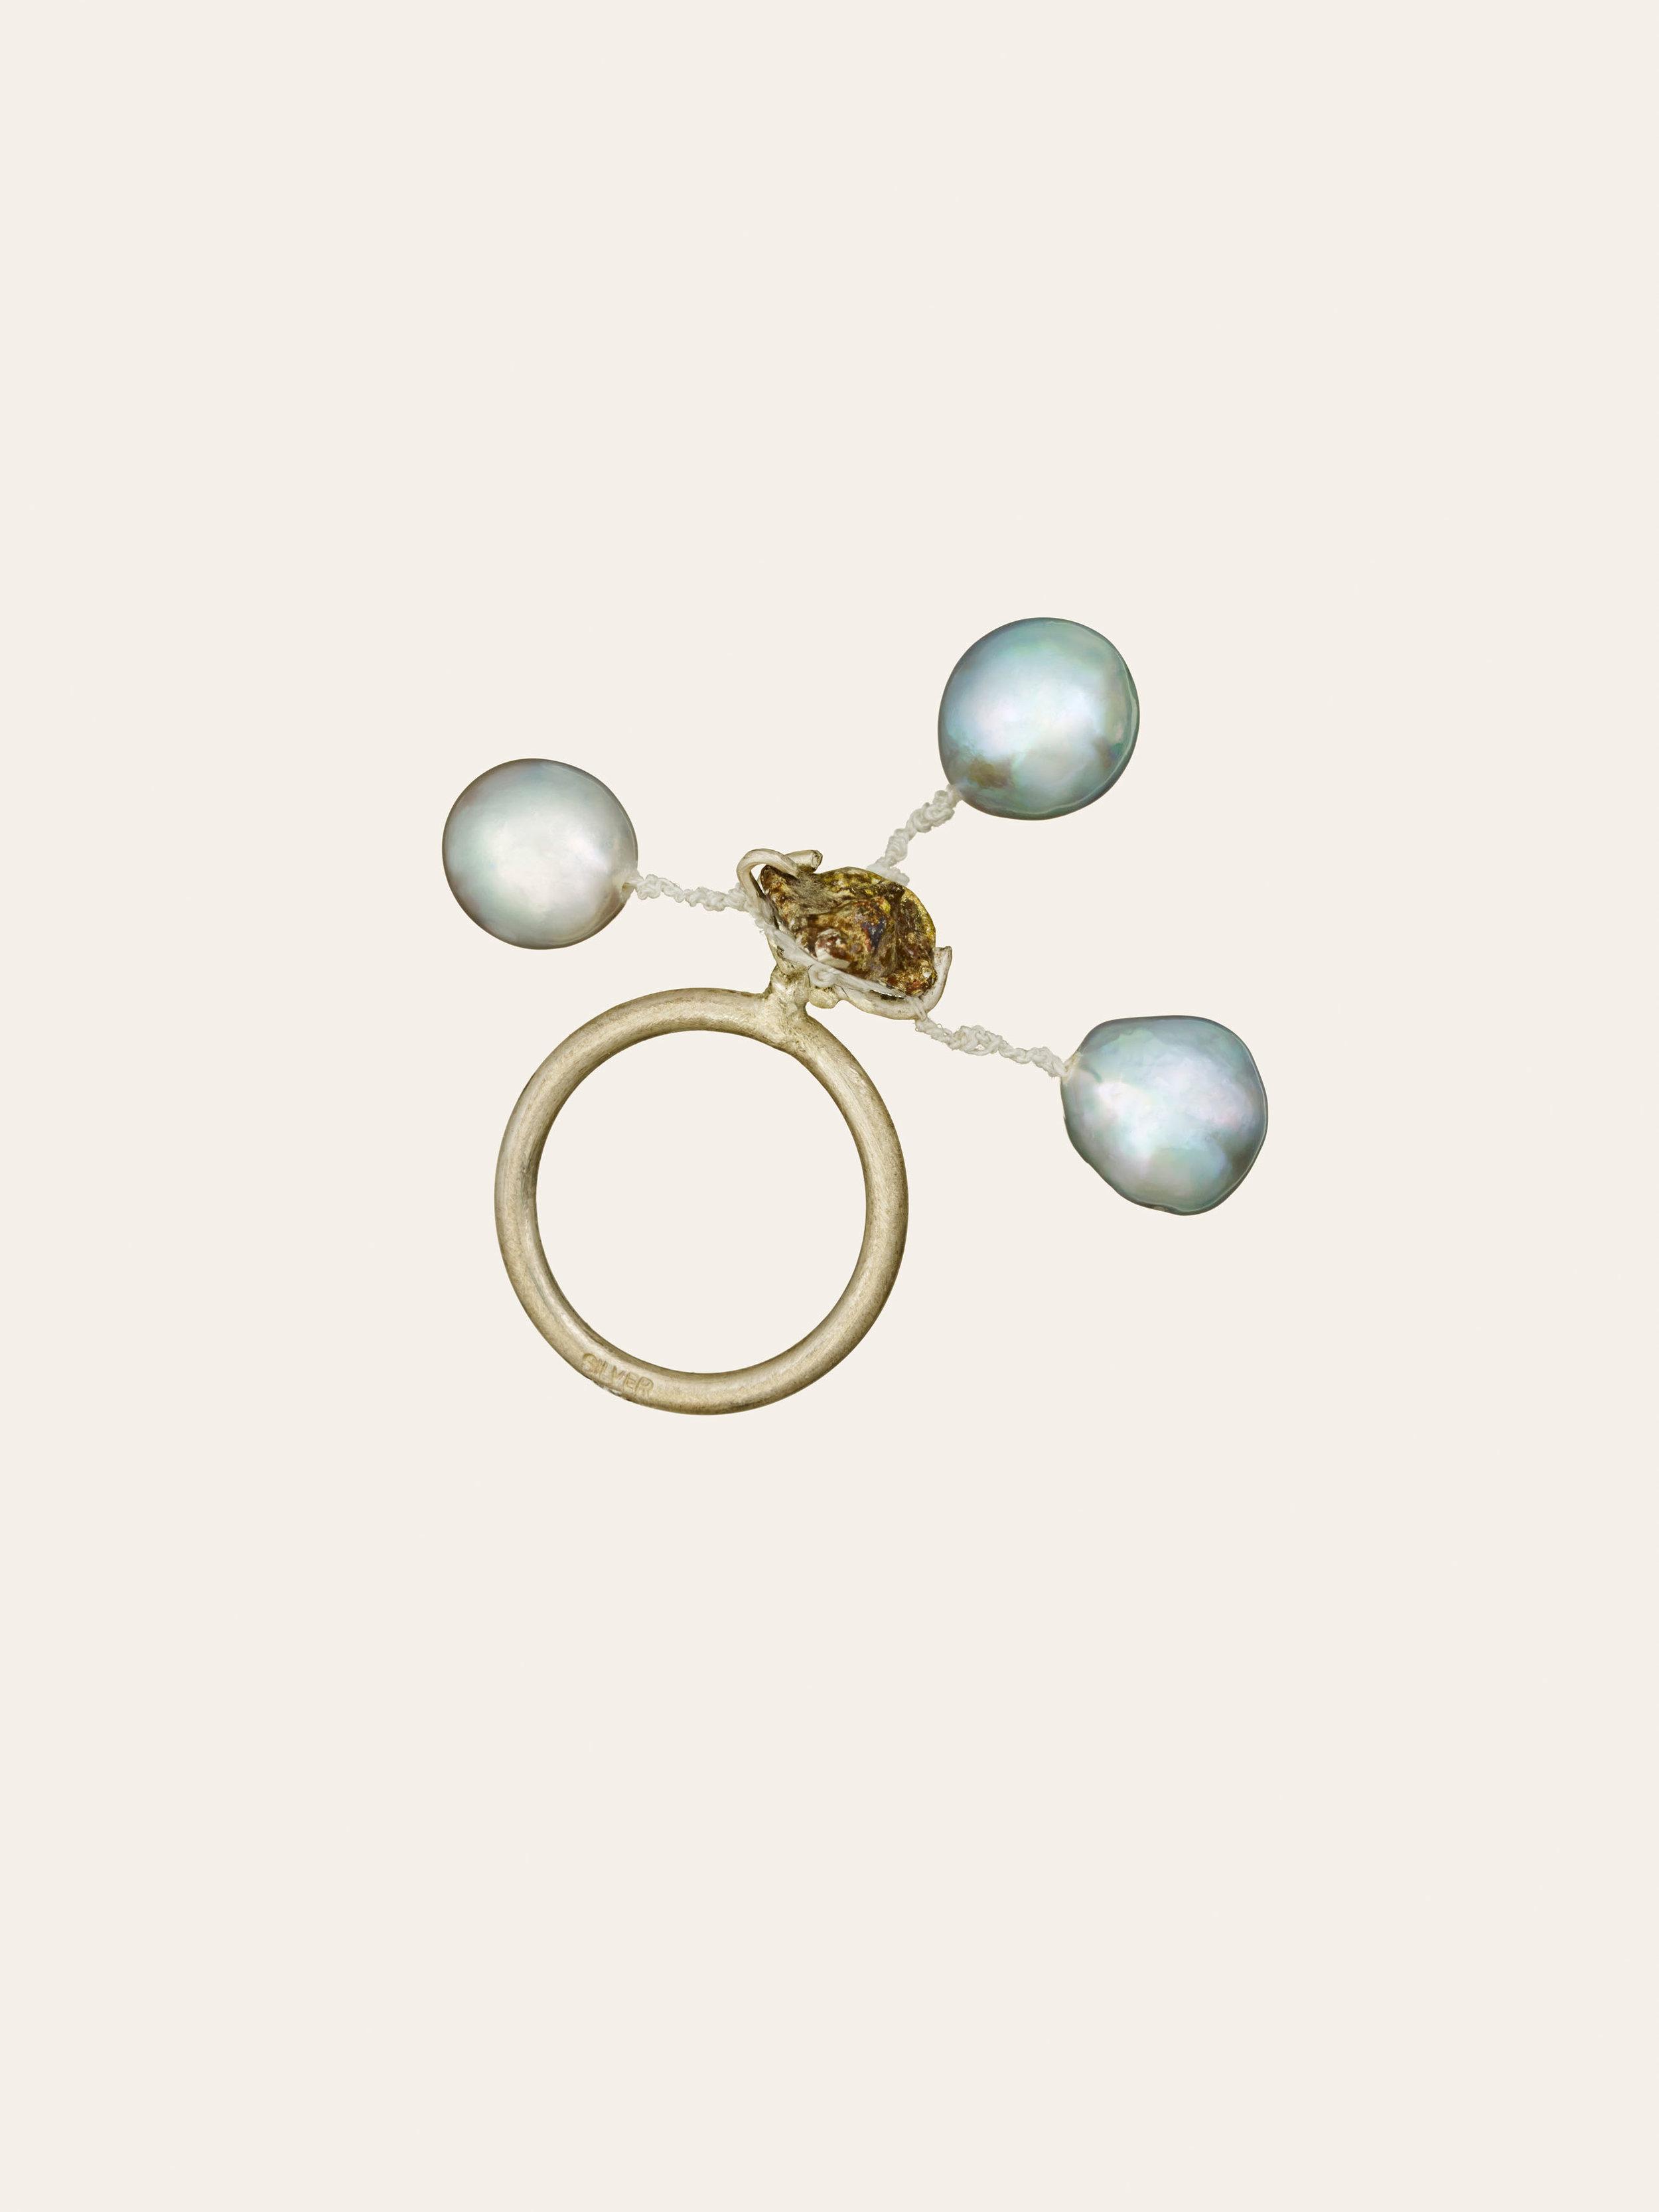 823 Pearls_63339-1.jpg